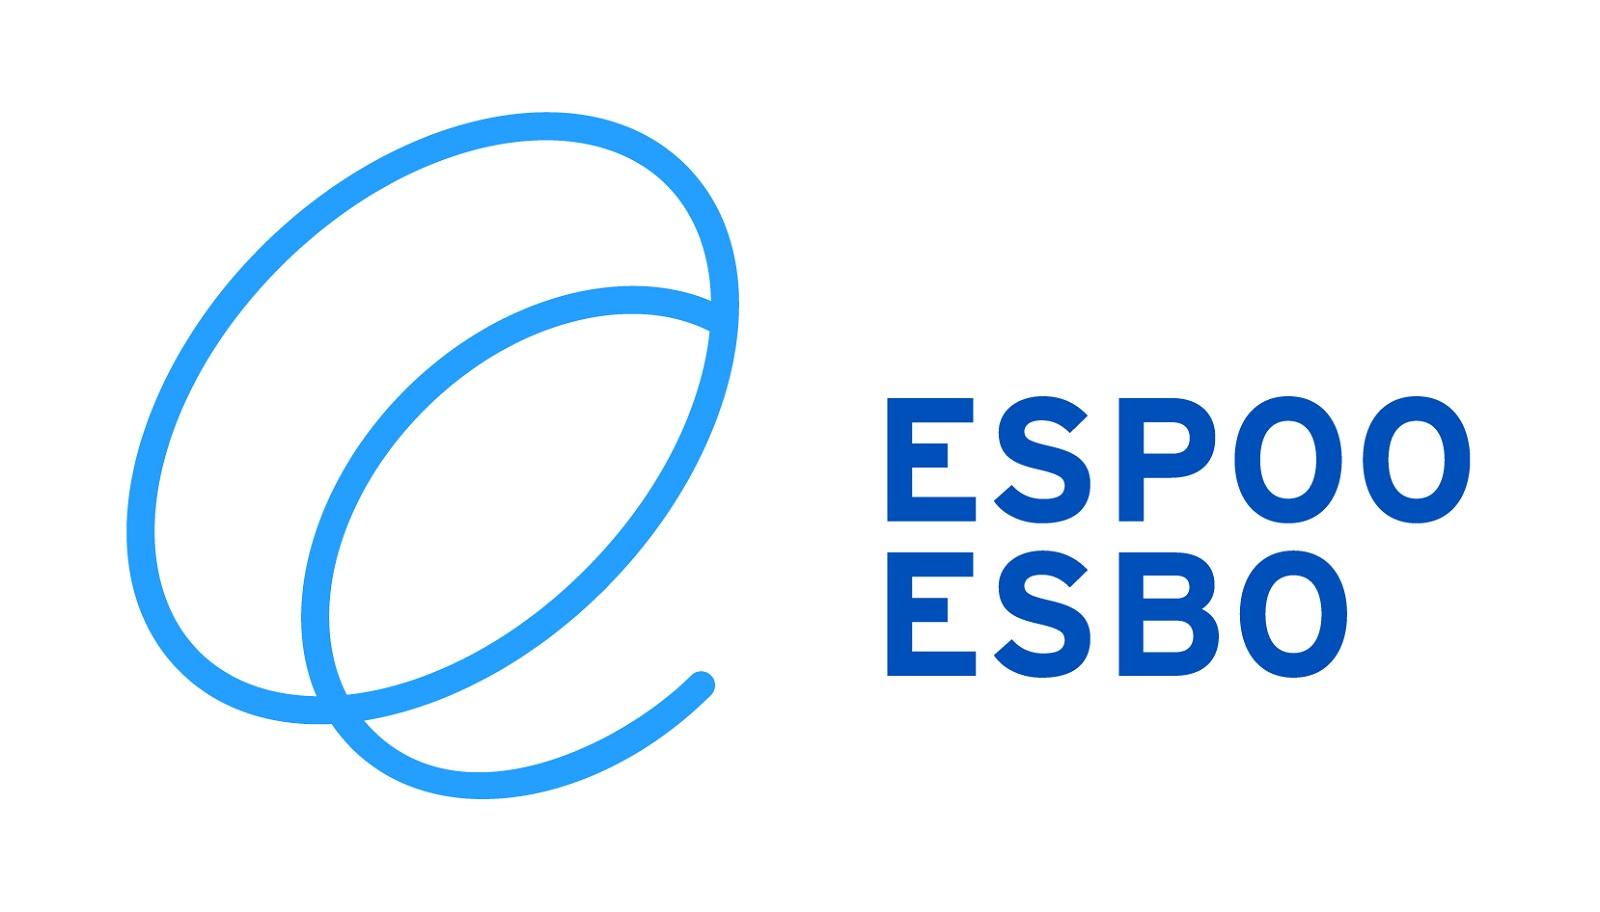 Espoon kaupunki logo